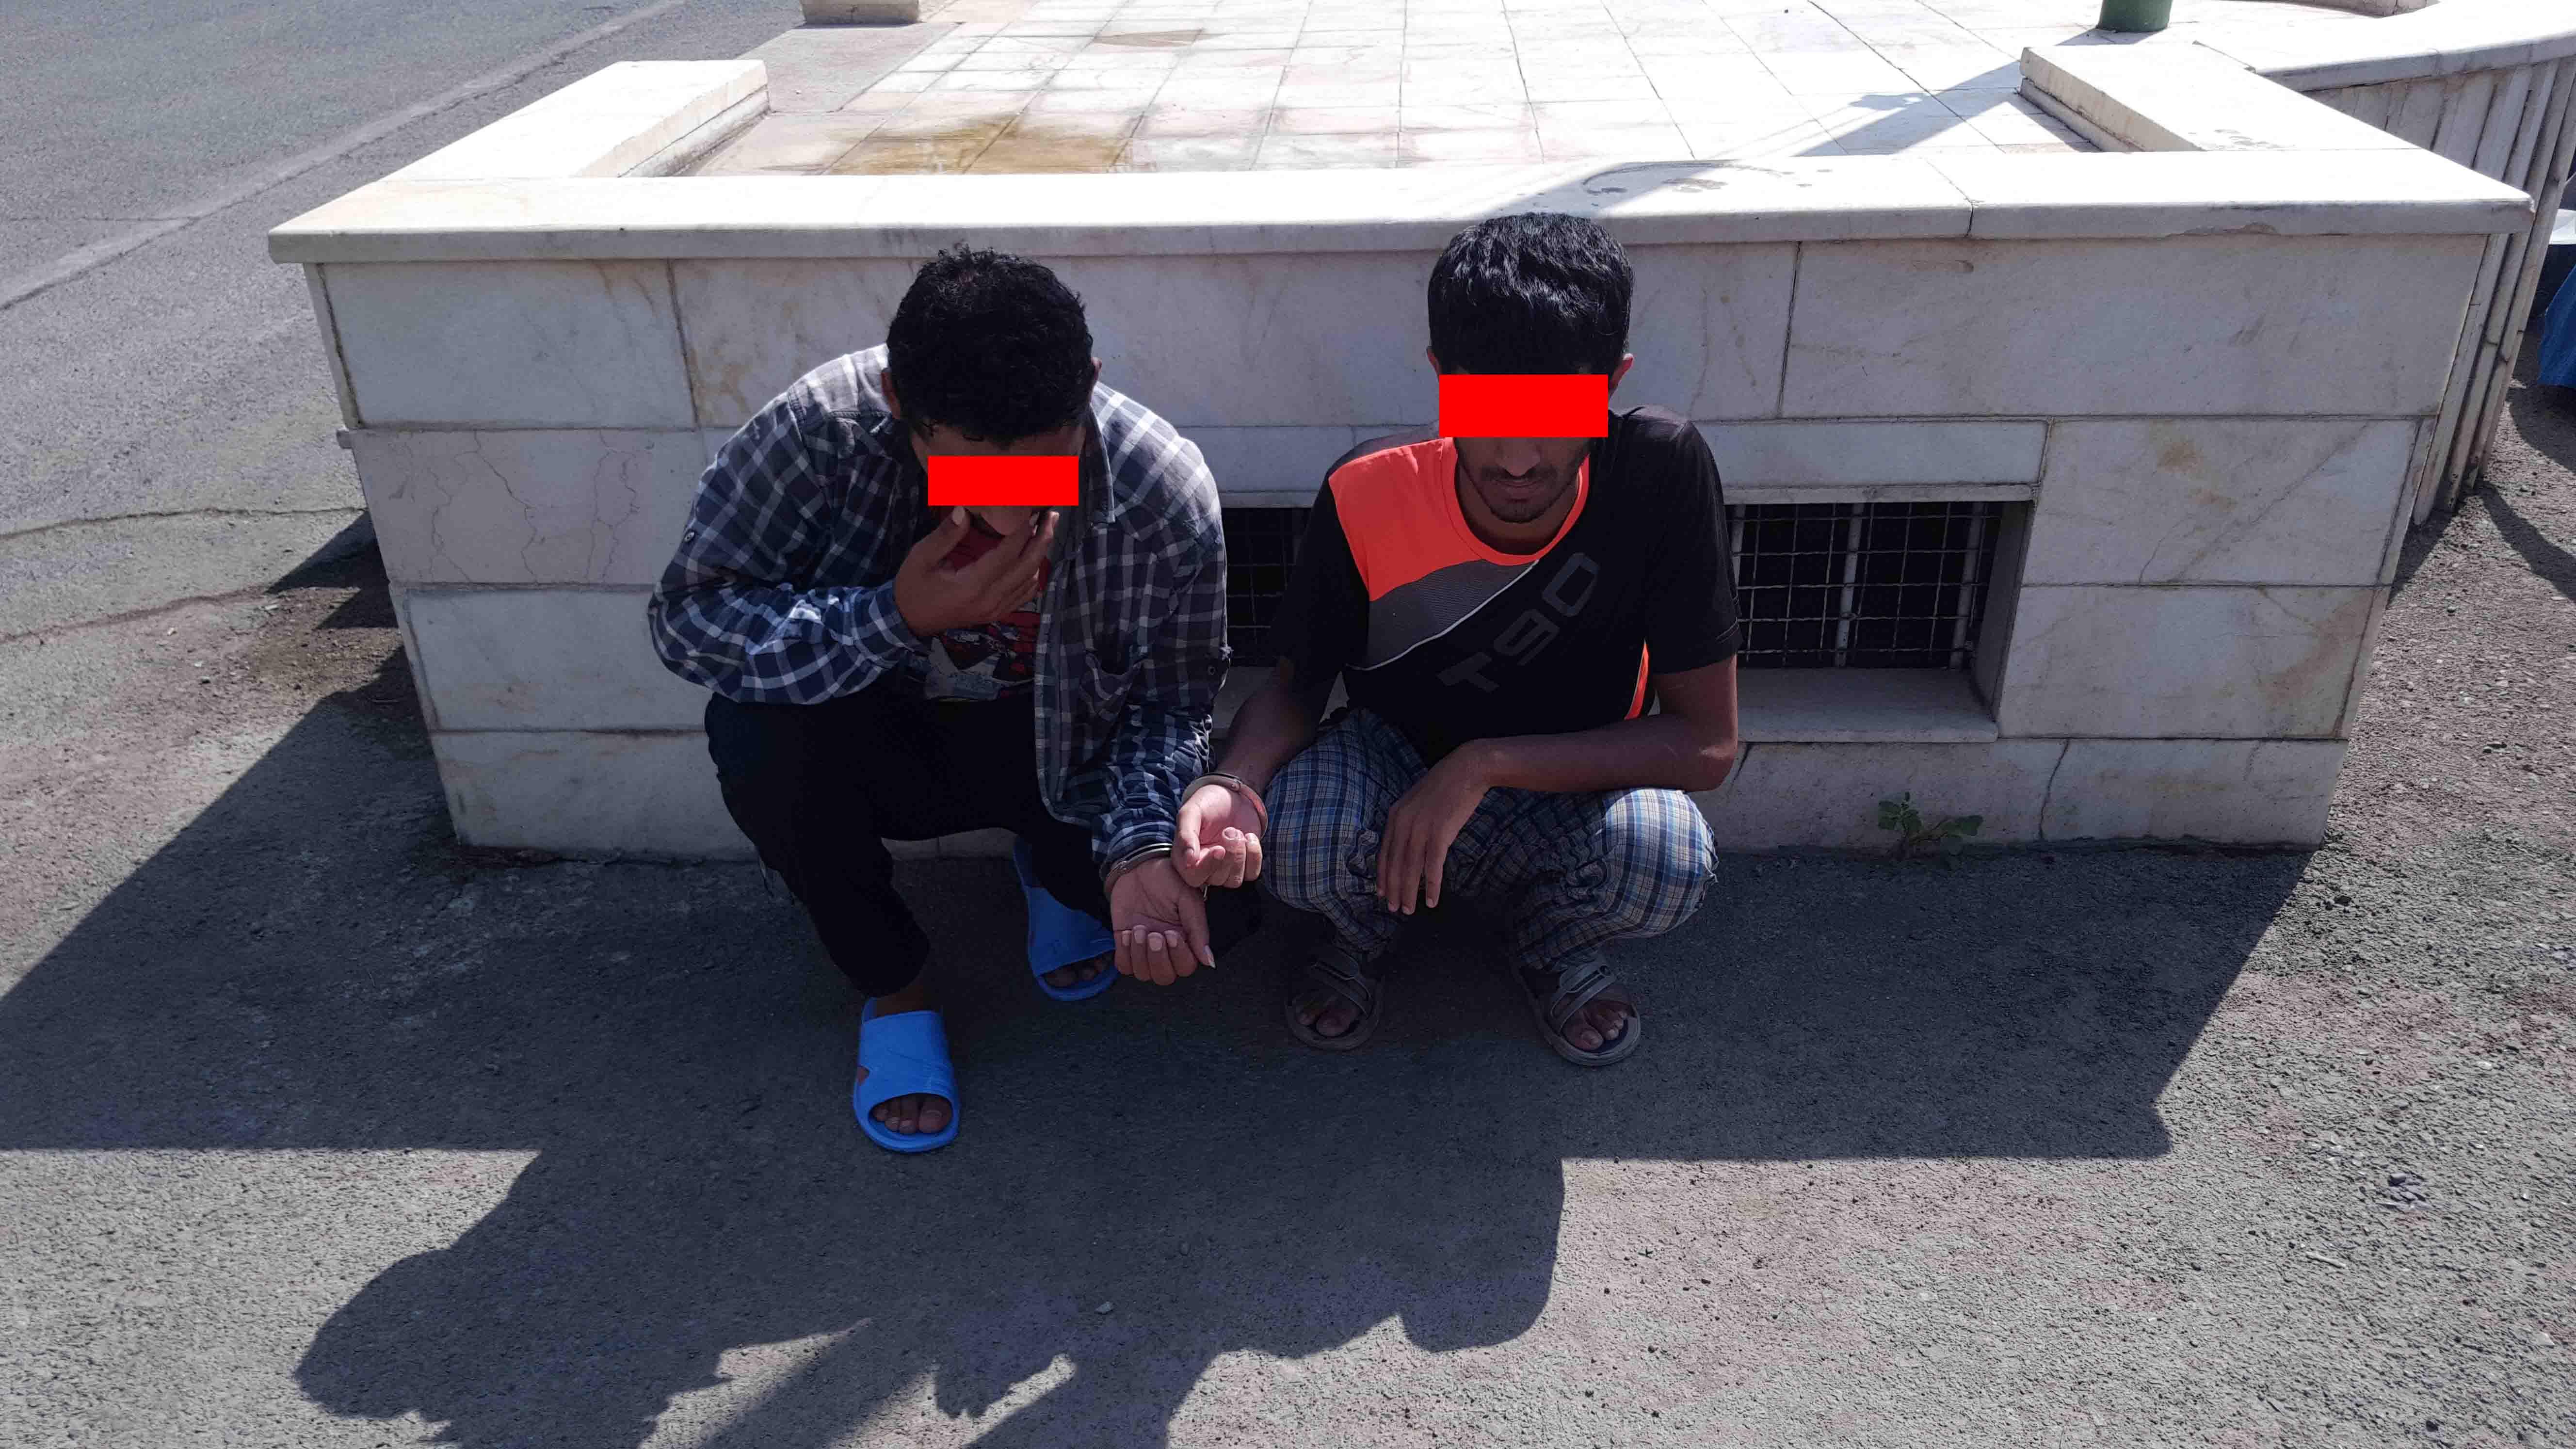 زورگیری در منازل شیوه جدید سارقان به عنف/ زورگیران در زندان به دام افتادند + تصاویر